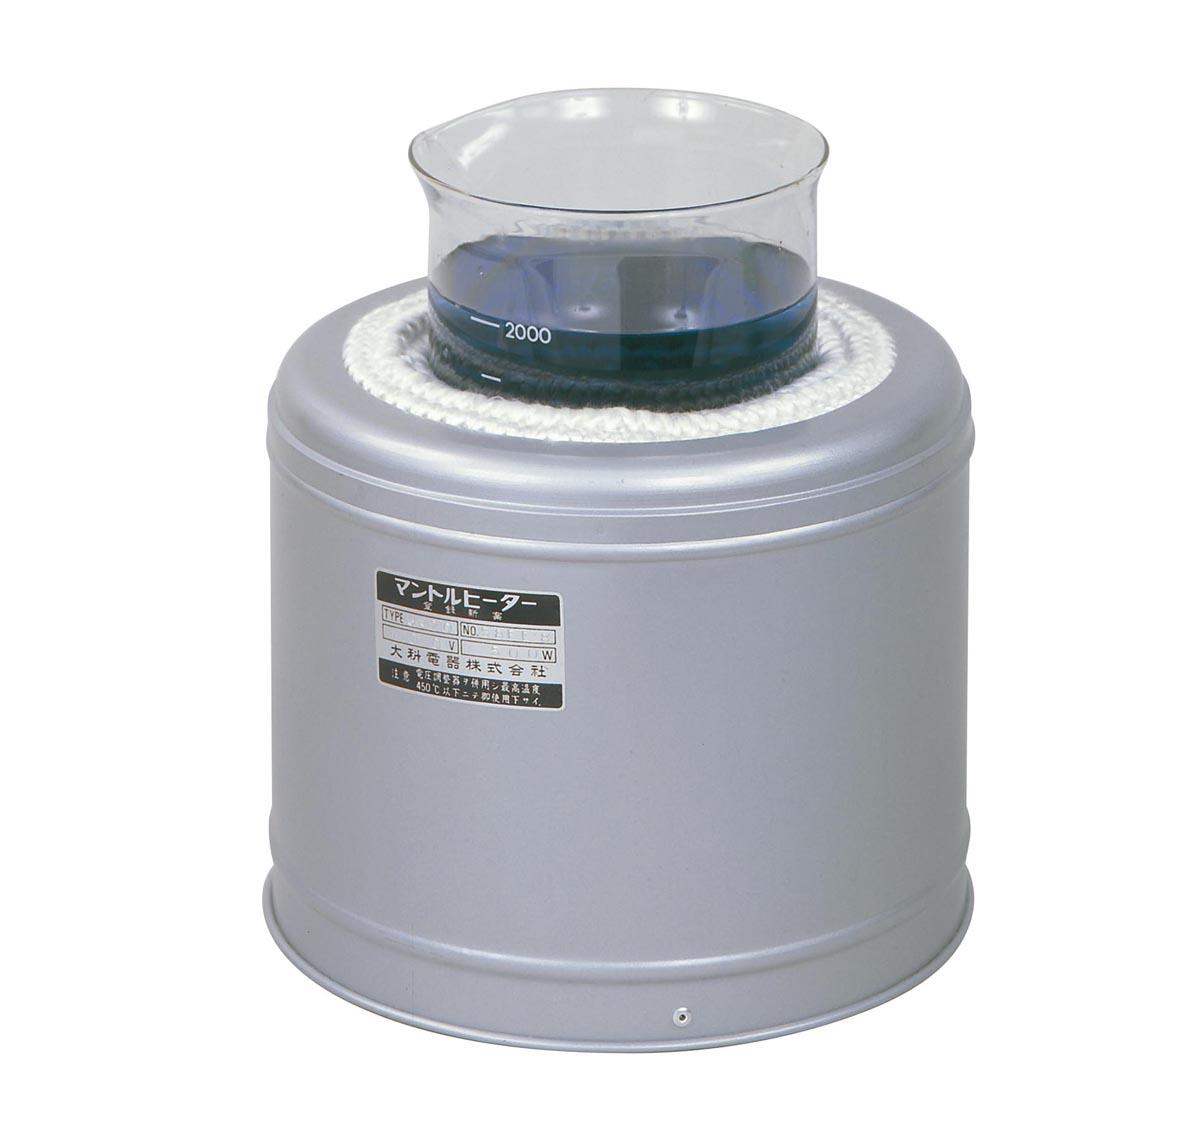 大科電器 ビーカー用マントルヒーター GB-10